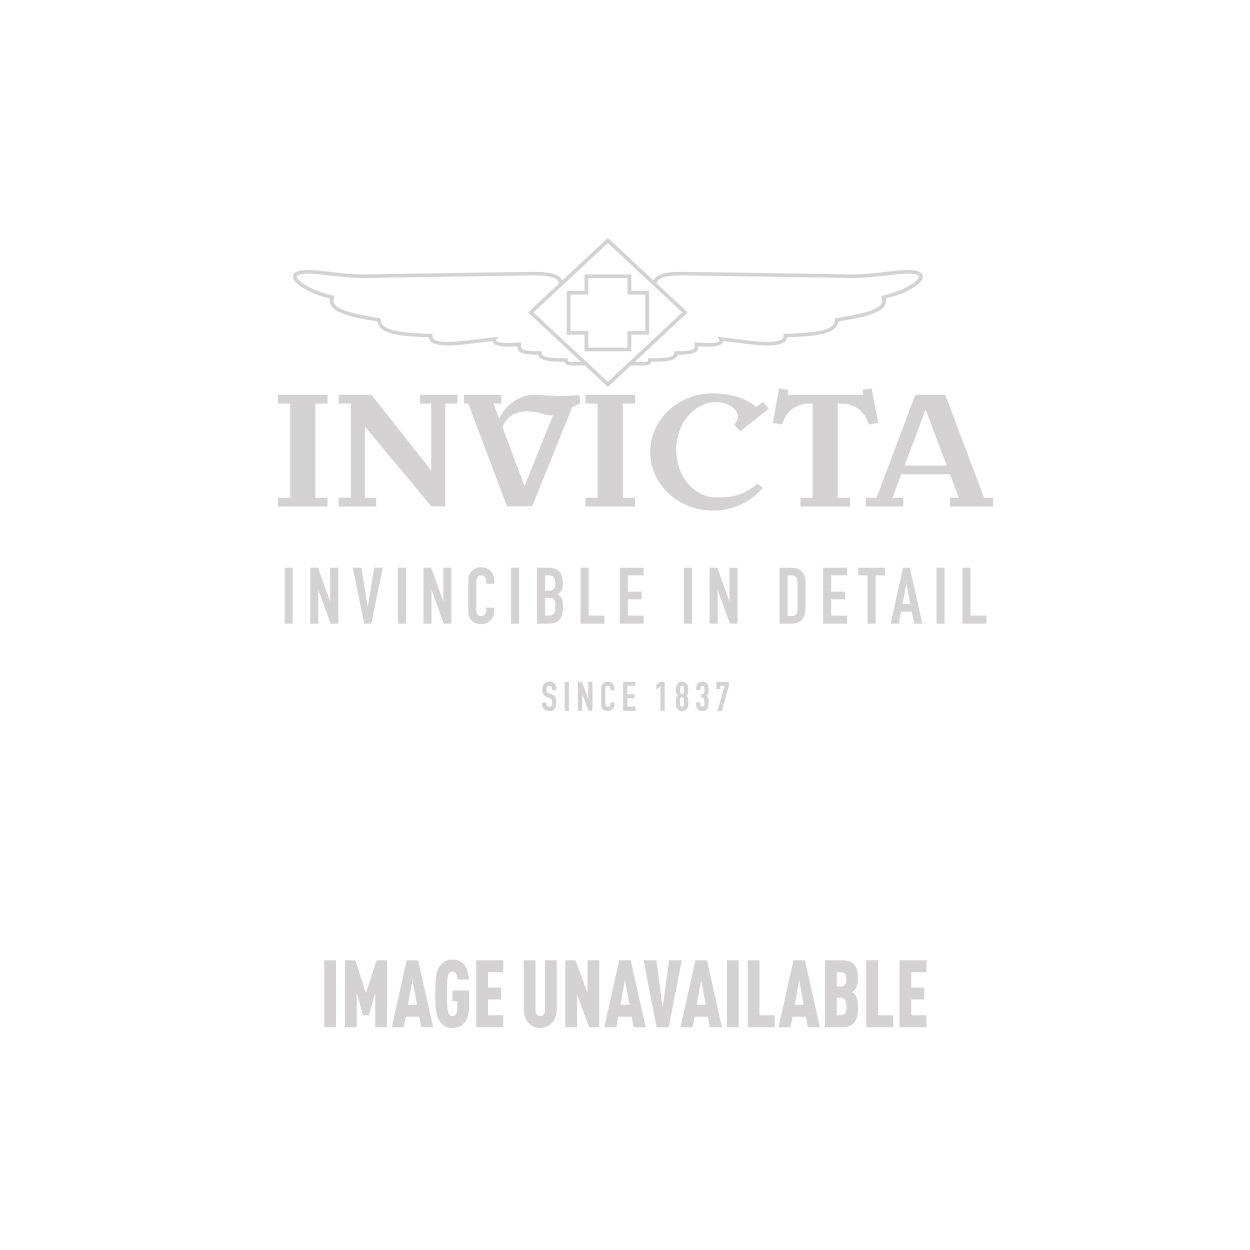 Invicta Model 29274